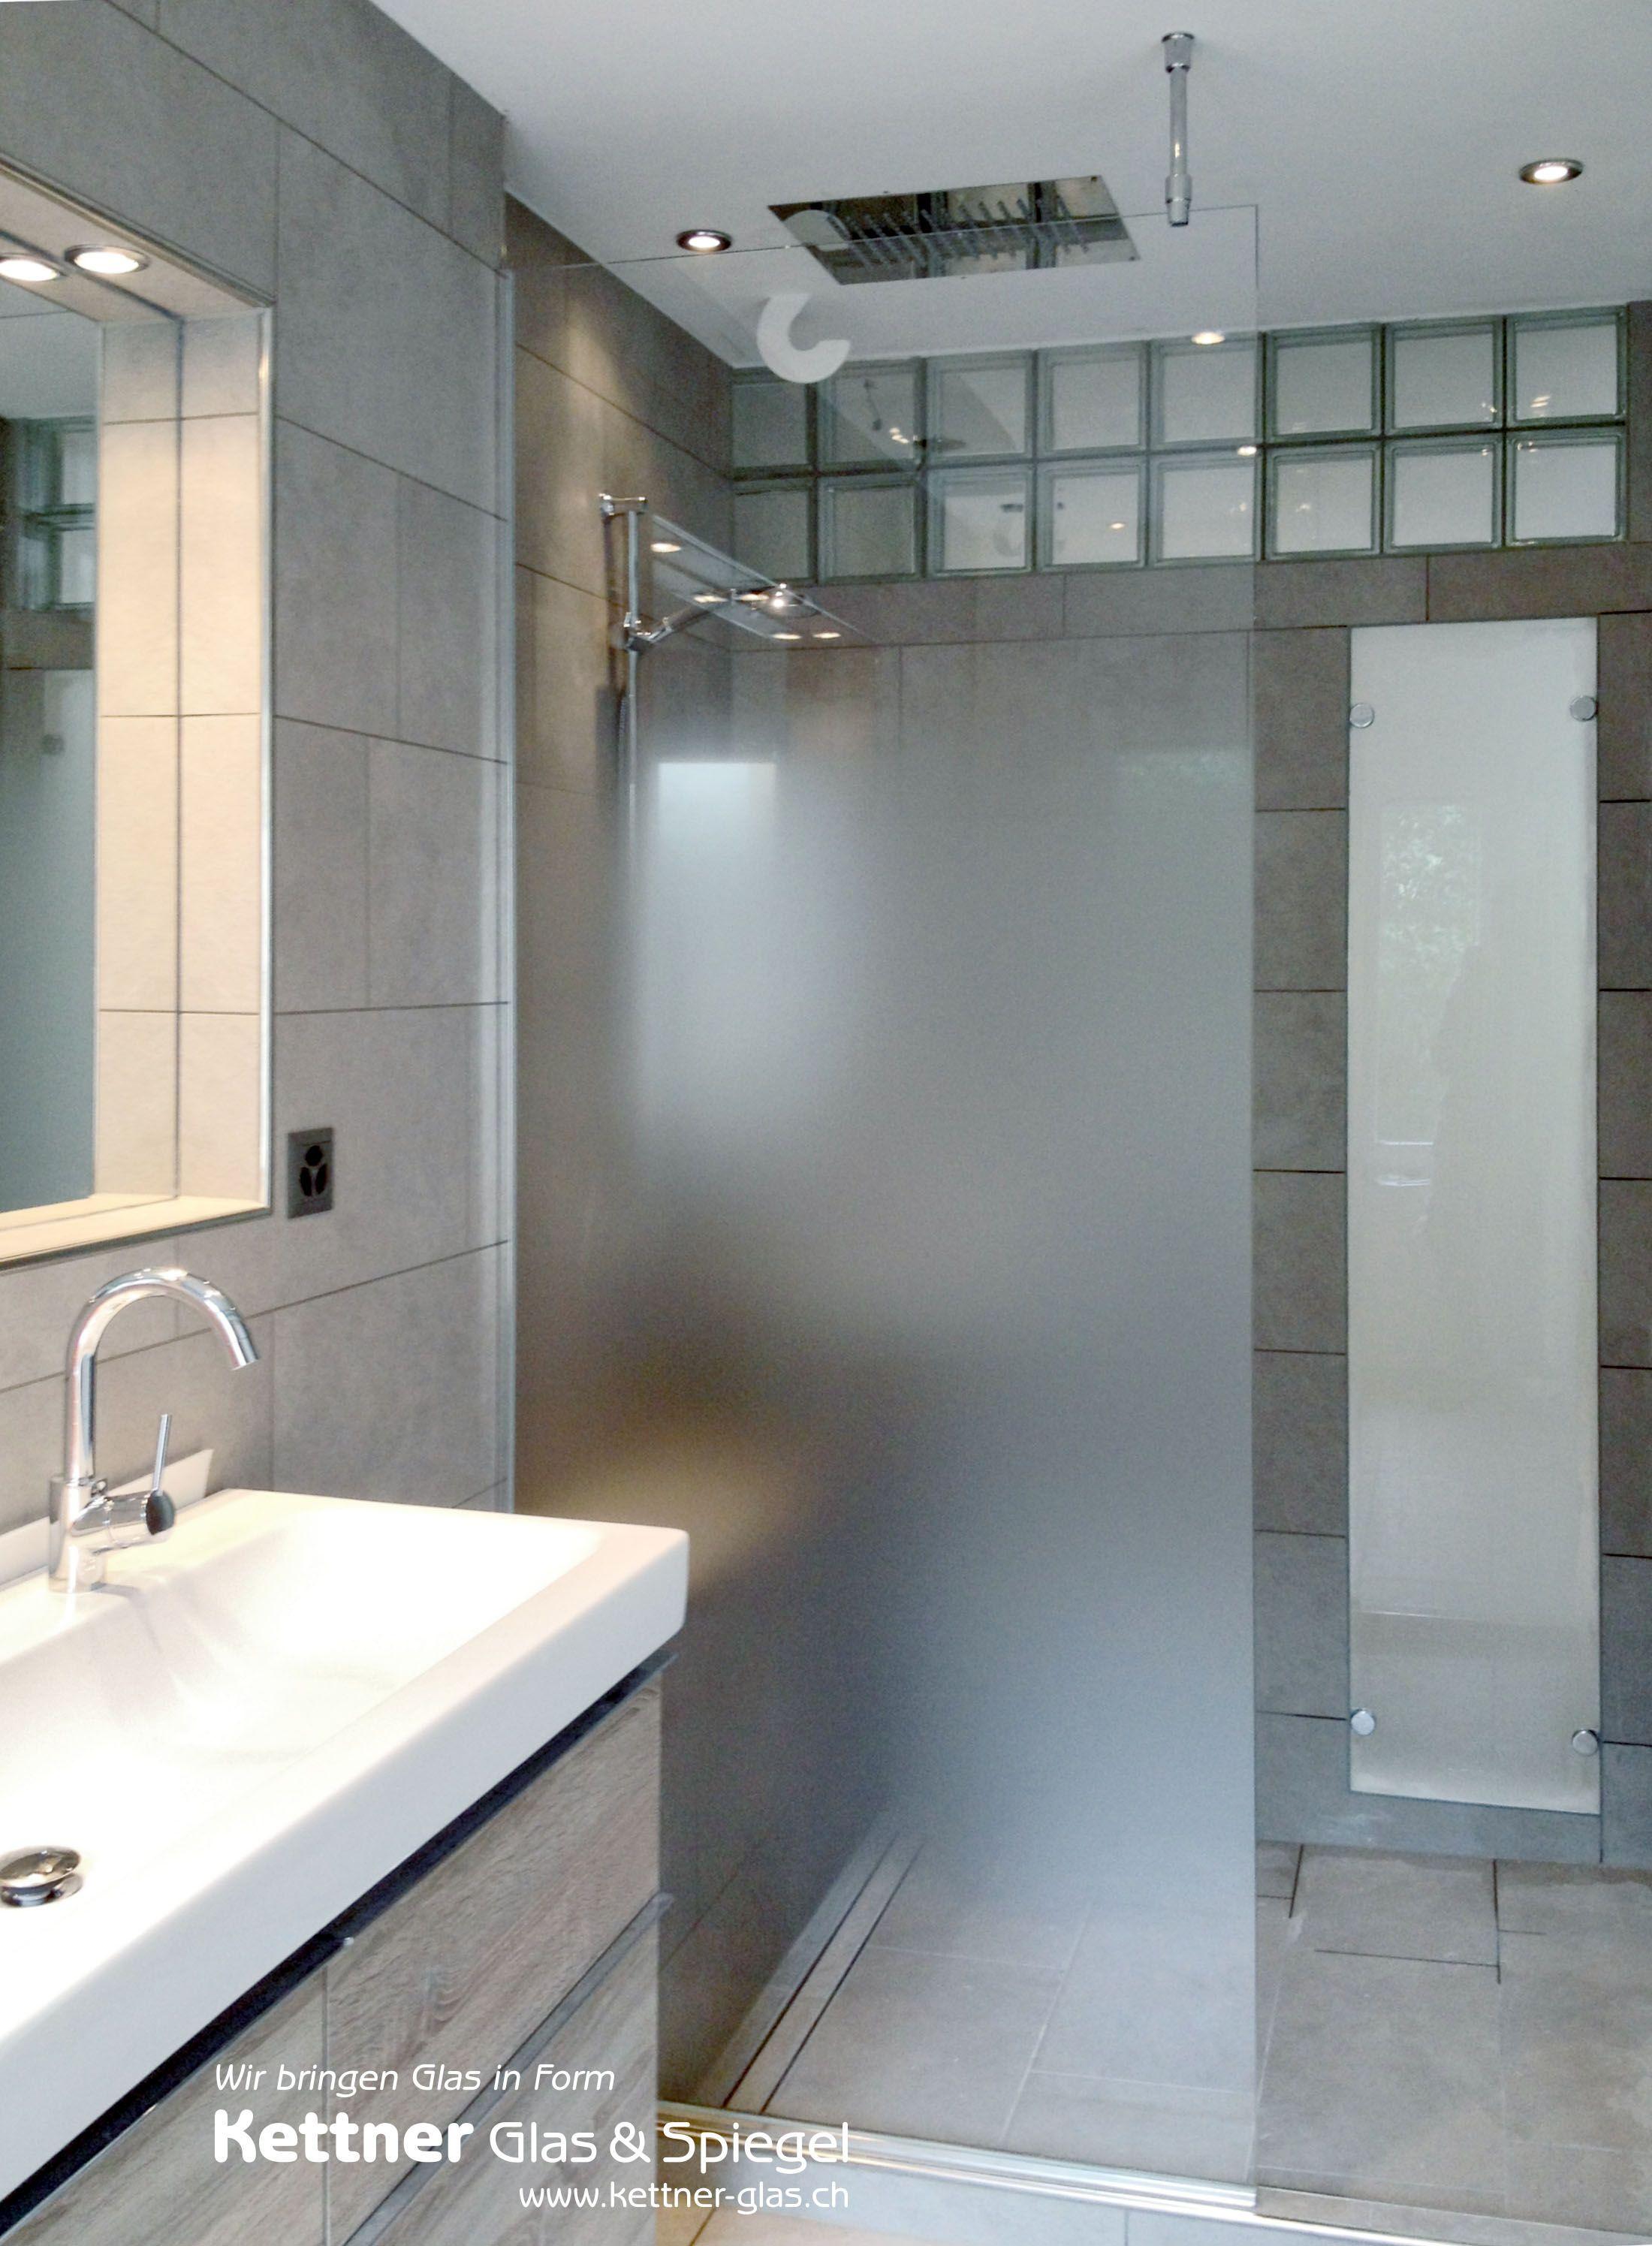 Progressiv Geatzte Duschtrennwand Und Satinato Festverglasung Von Ihrer Glaserei Das Glastrennwand Mit Progr Duschtrennwand Dusche Duschtrennwand Glas